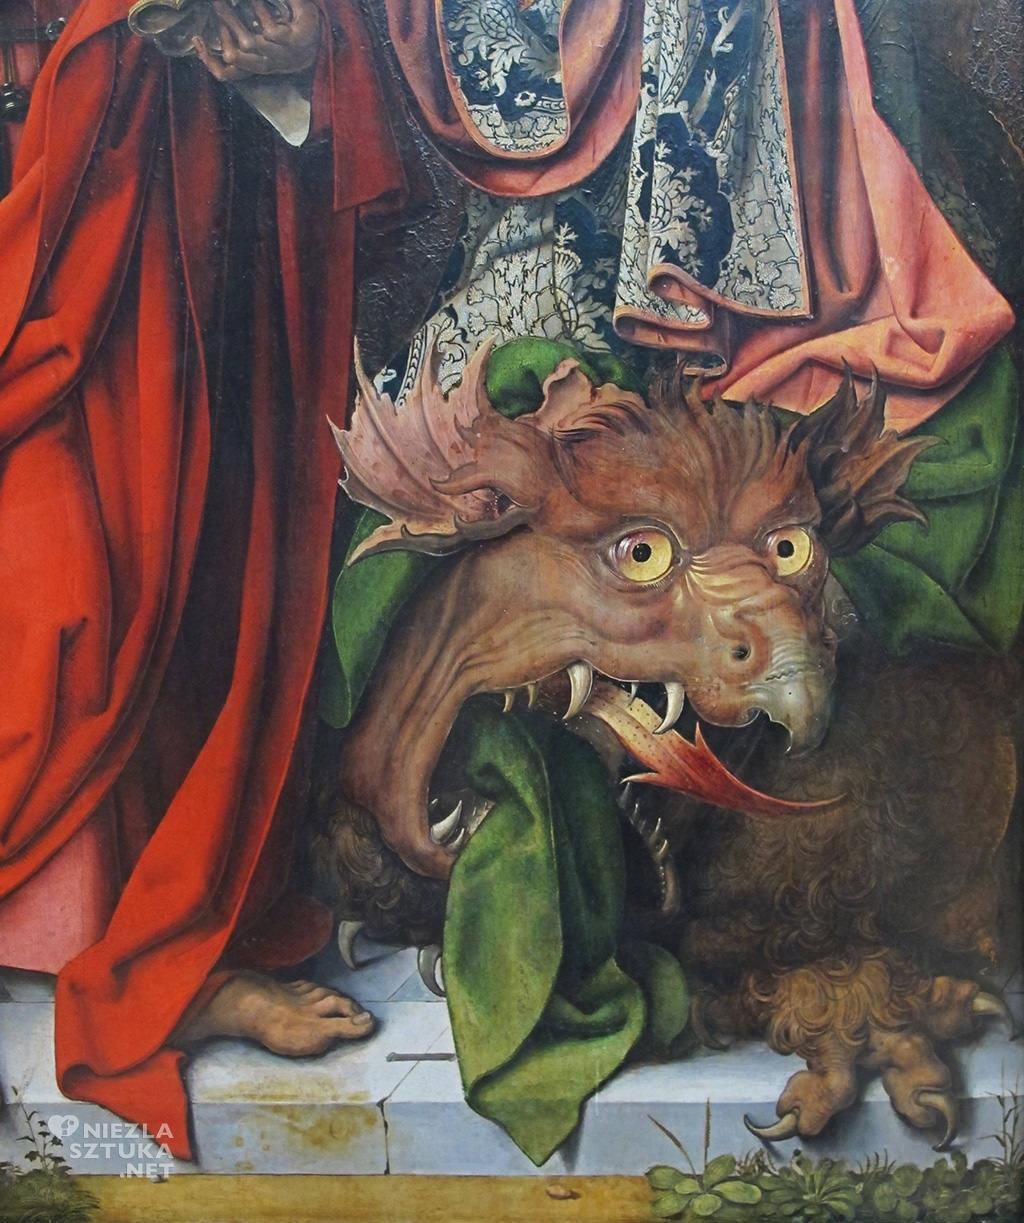 Mistrz Ołtarza św. Bartłomieja Środkowy panel ołtarza Św. Bartłomieja, detal | ok. 1450, Alte Pinakothek, Monachium